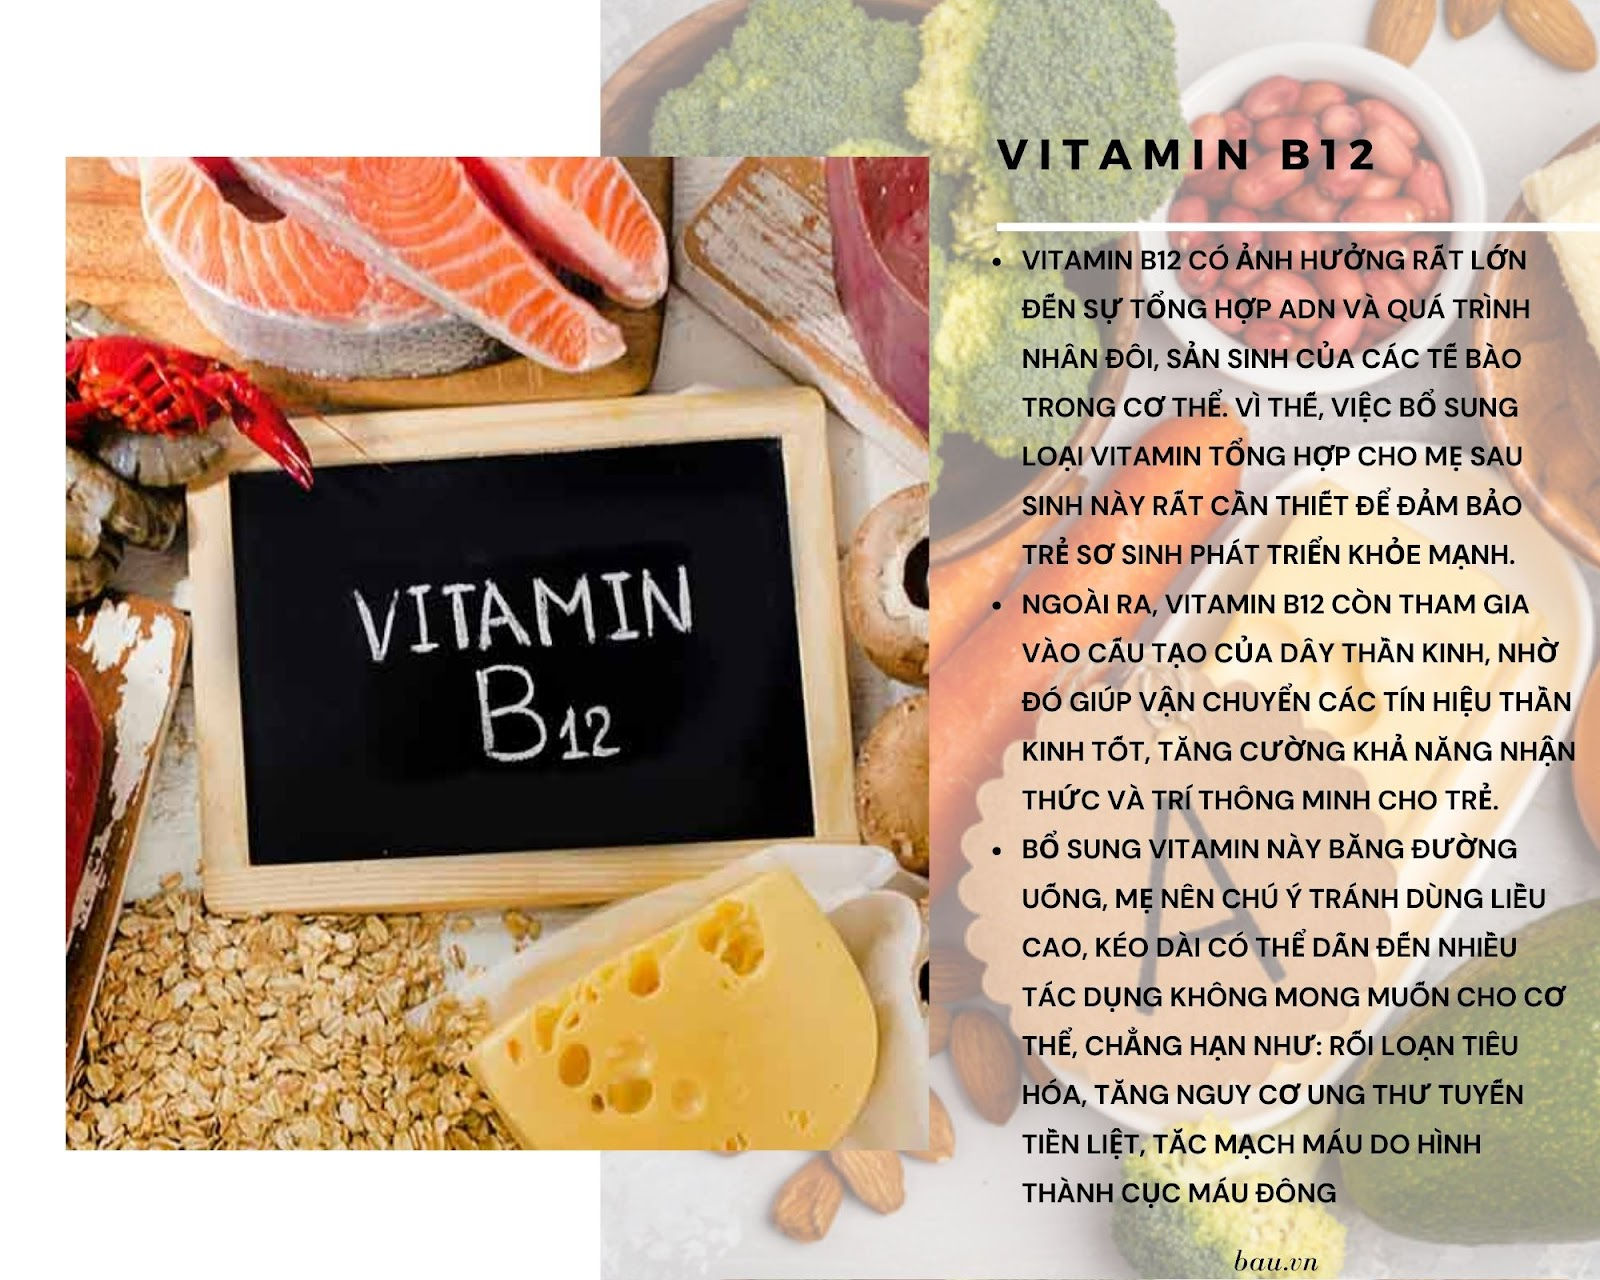 7 loại vitamin cho mẹ sau sinh đang cho con bú - ảnh 3